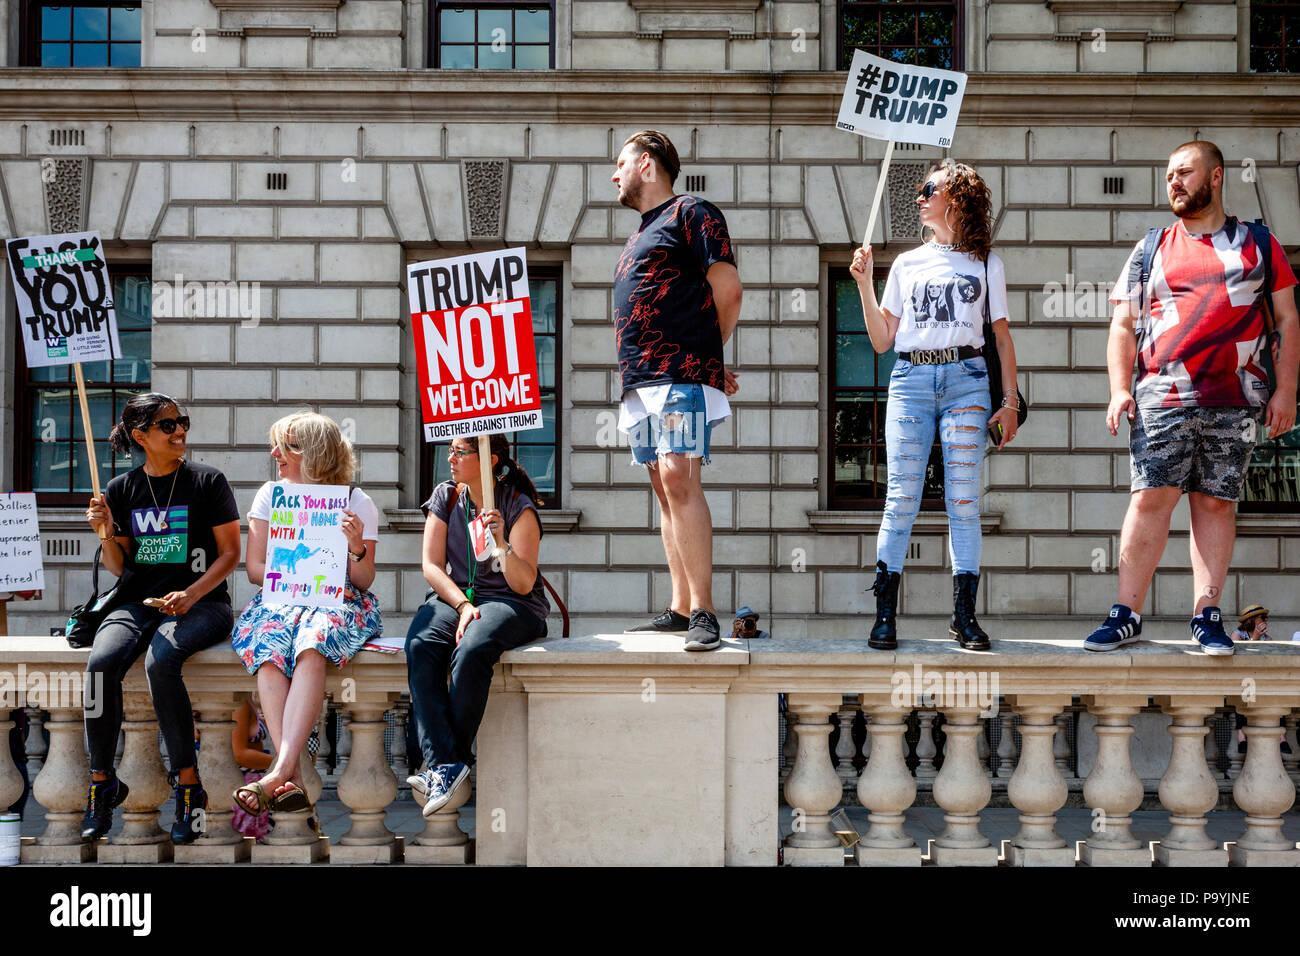 Los manifestantes protestaban contra el triunfo en la visita al Reino Unido del Presidente de Estados Unidos, Donald Trump, Whitehall, Londres, Inglaterra Imagen De Stock